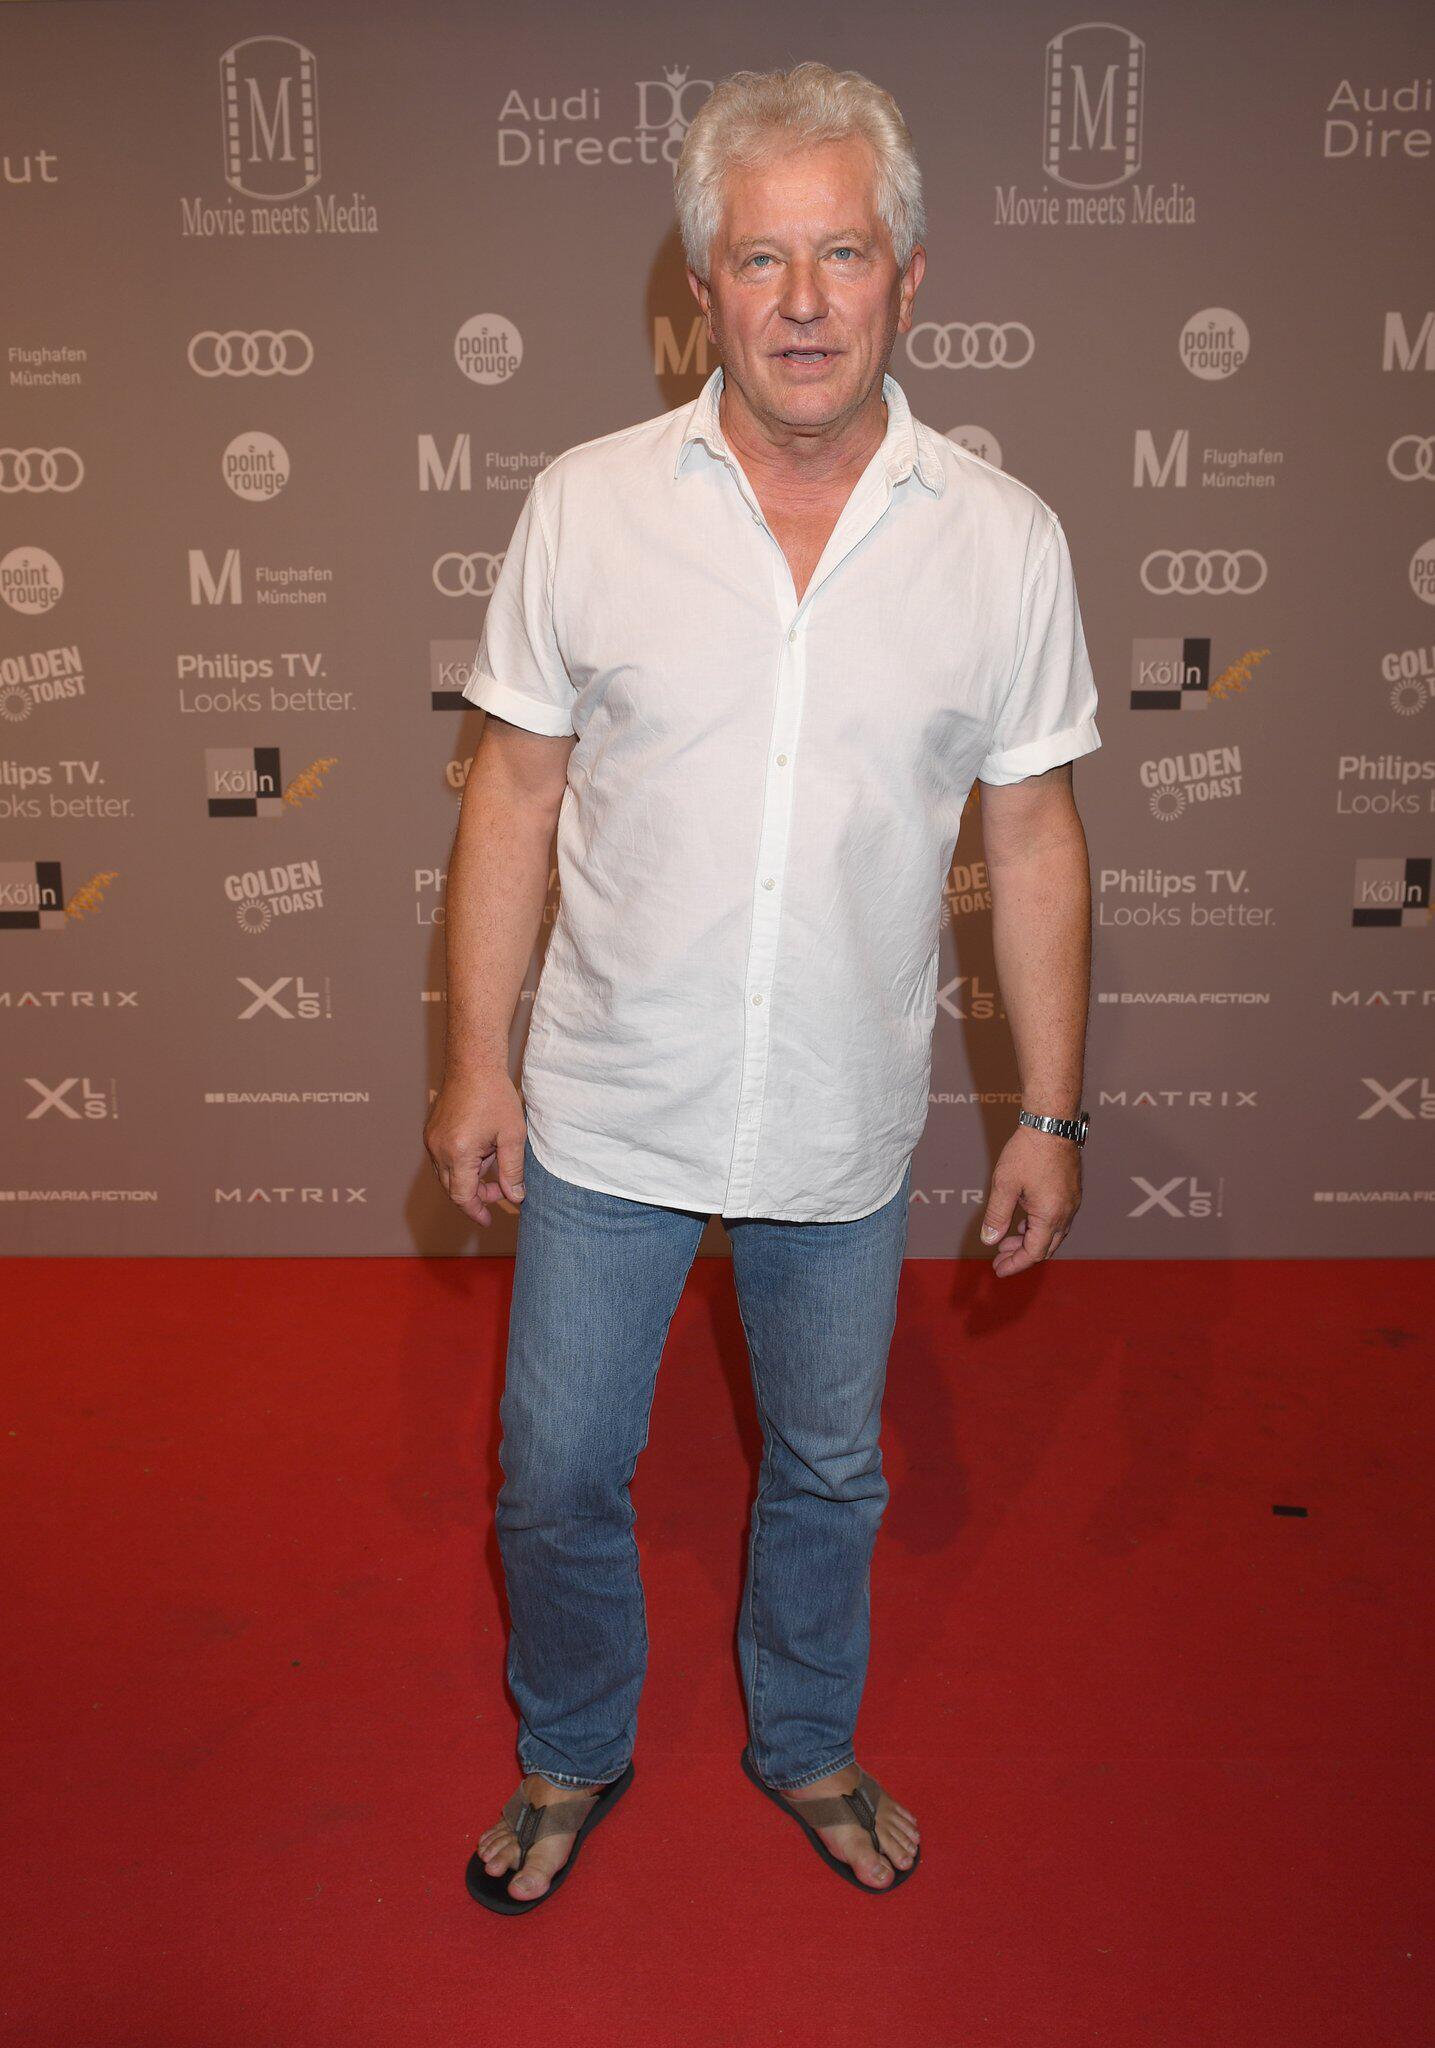 Bild zu Munich Film Festival 2019 - Audi Director's Cut - Movie Meets Media